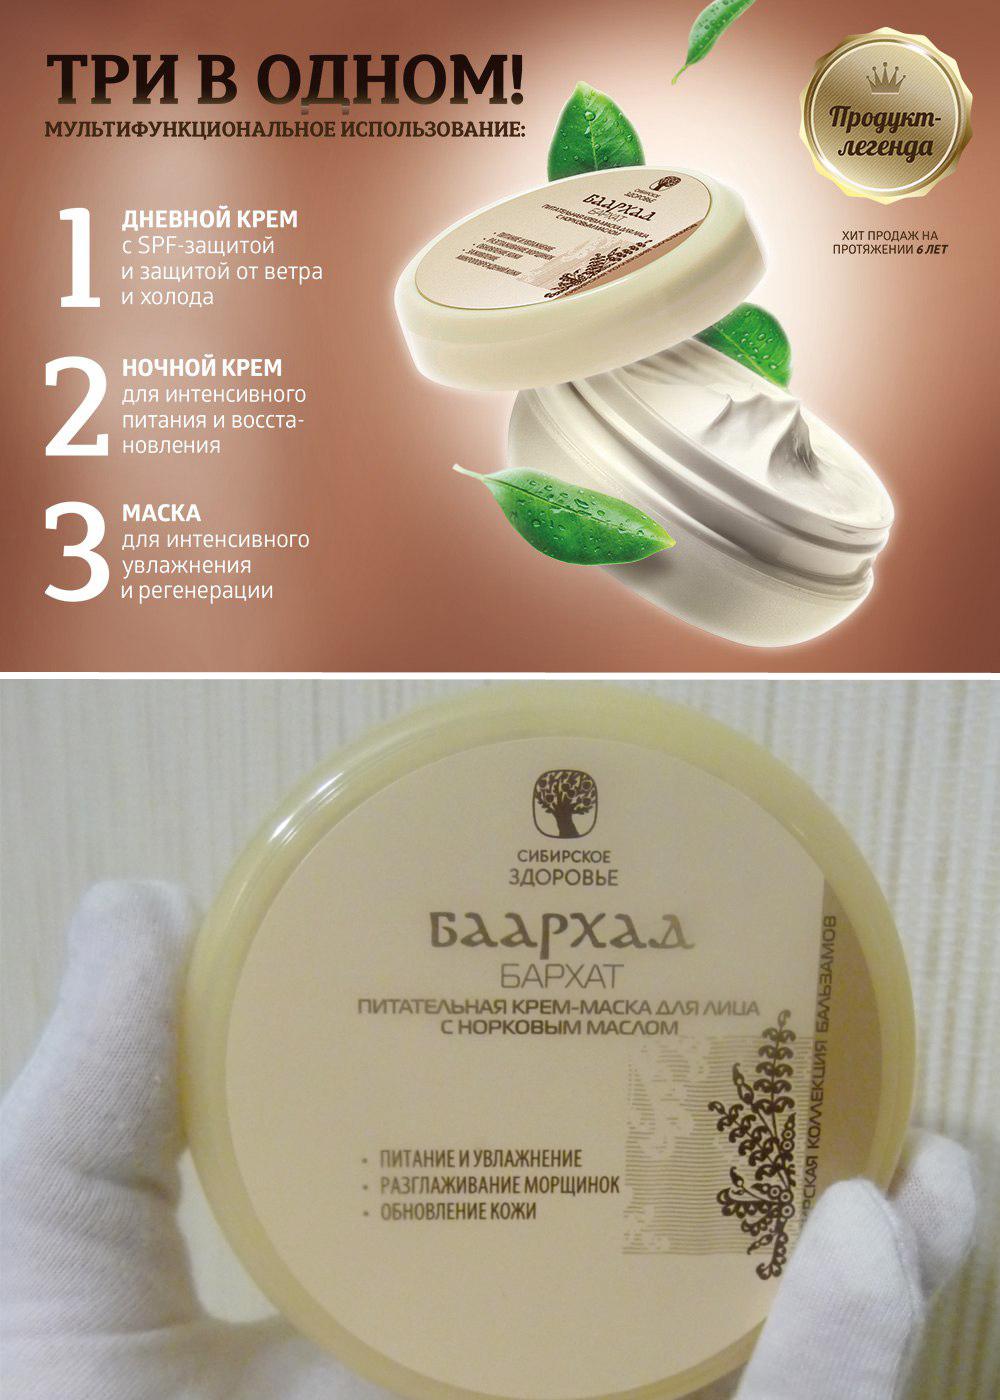 Лучшее средство для сухой кожи